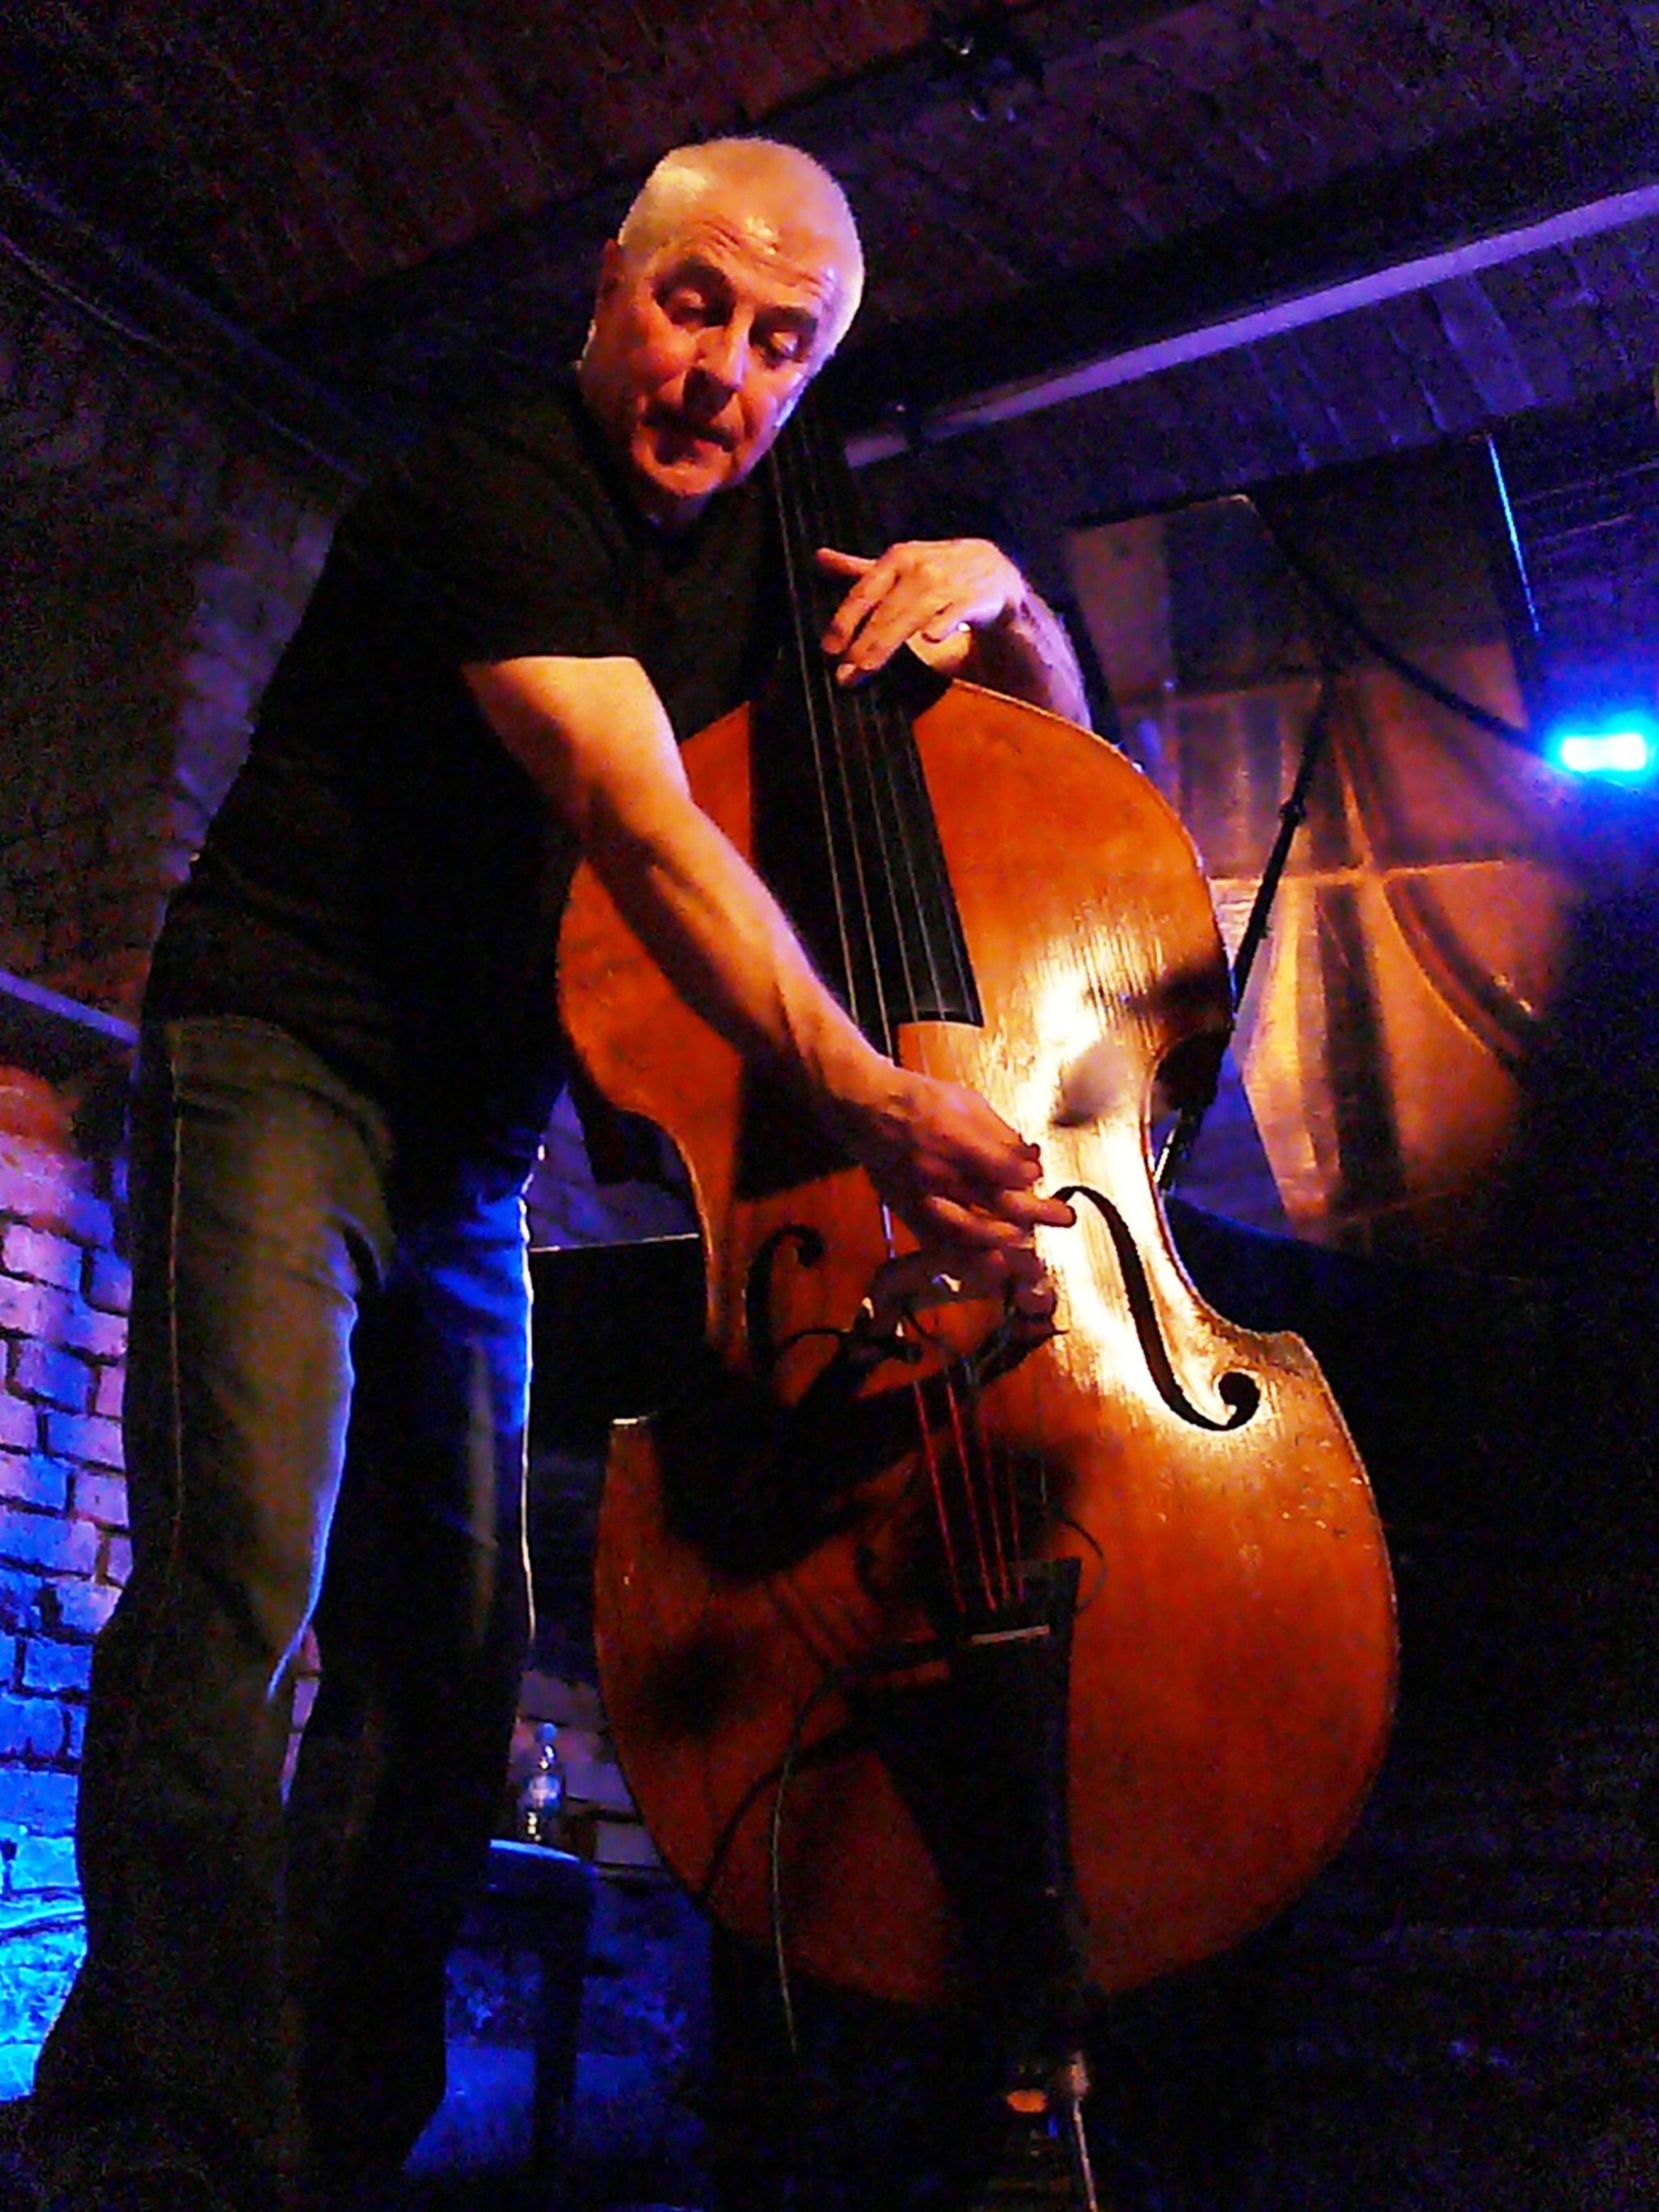 Barry Guy at Alchemia, Krakow in November 2012